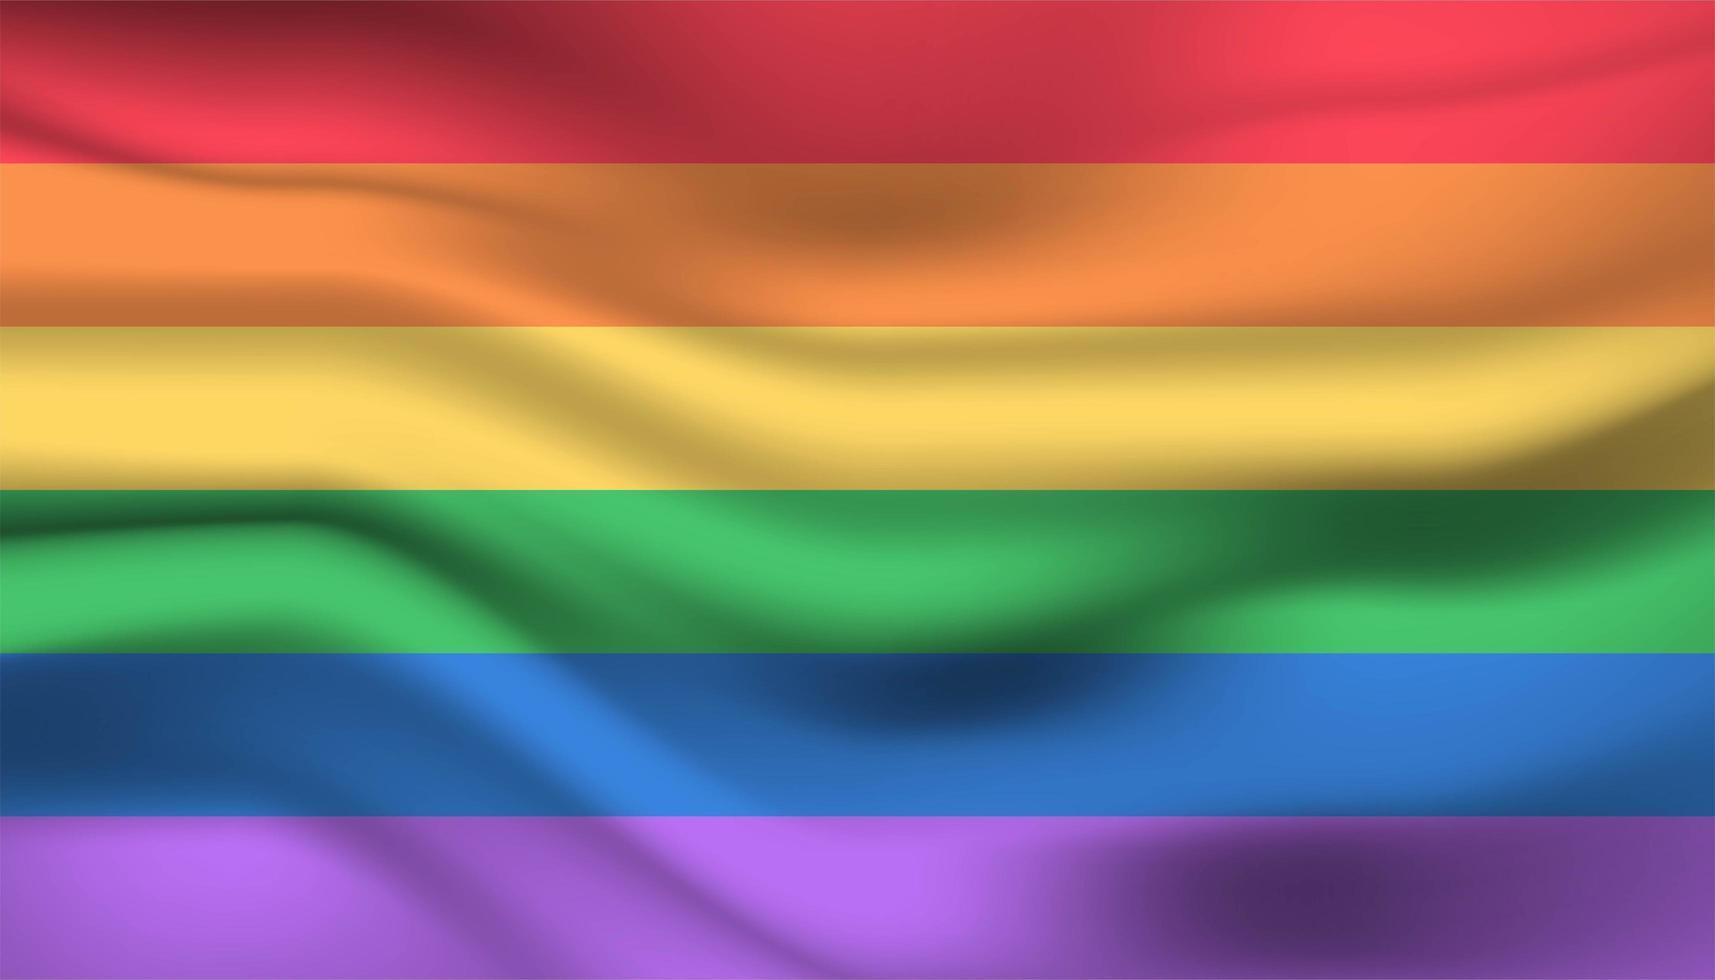 regenboog trots vlag achtergrond vector